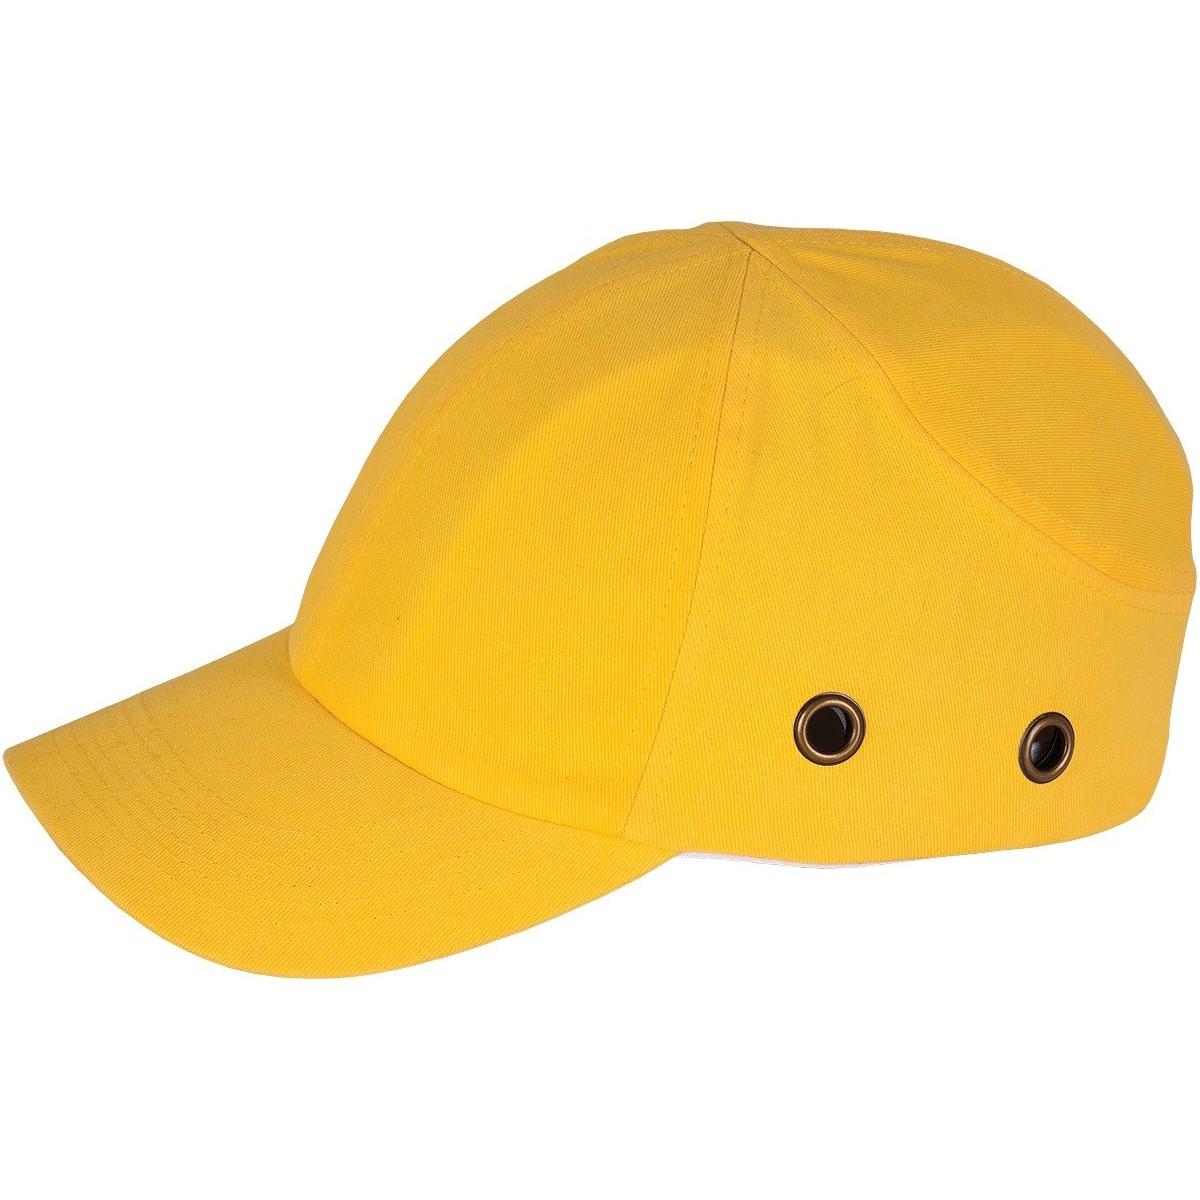 Lekki hełm przemysłowy REIS BUMPCAP Y żółty r. 54-59